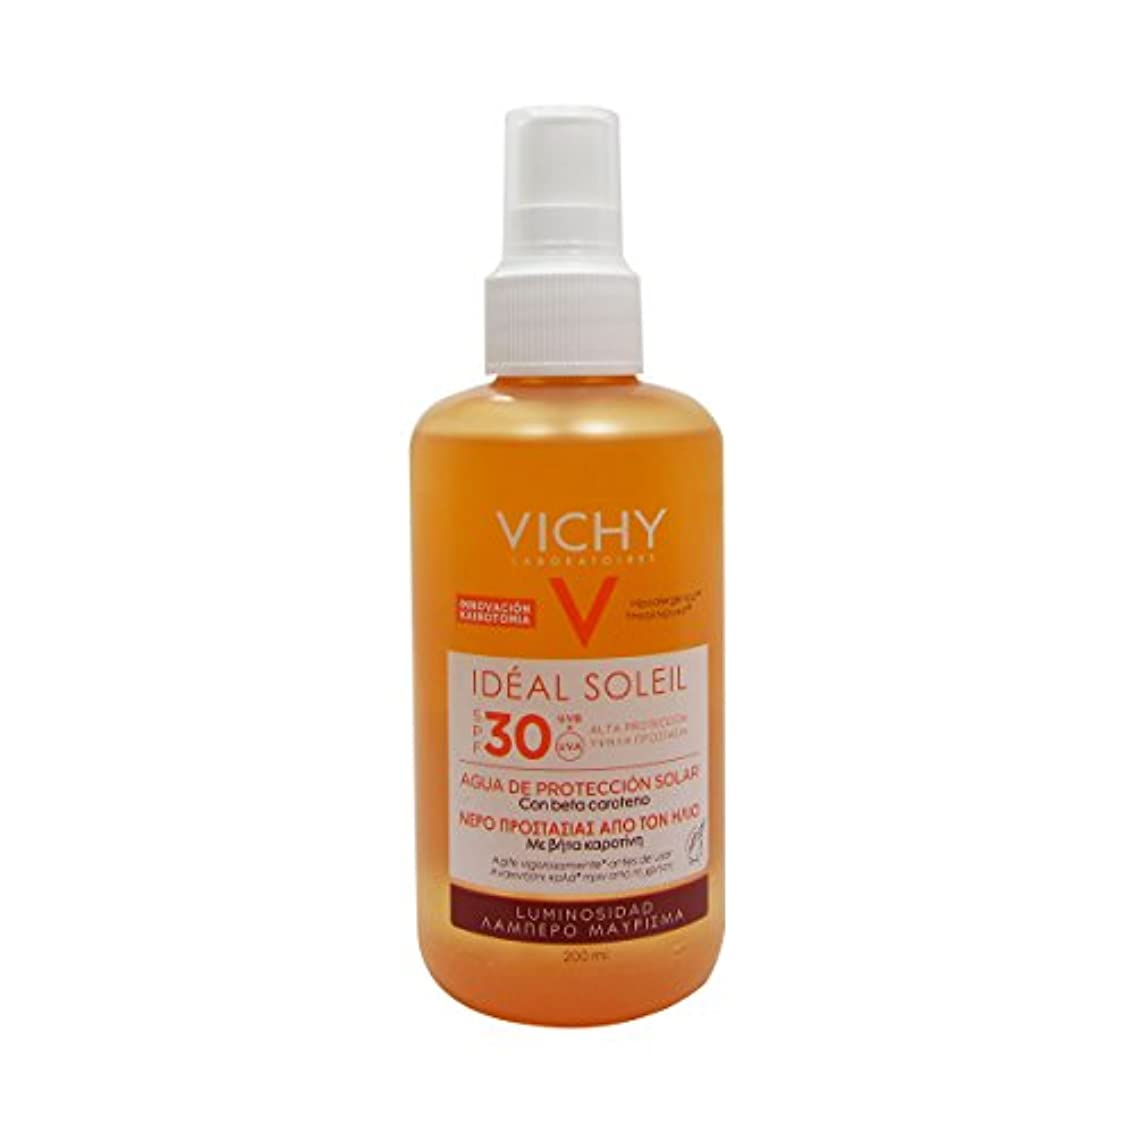 作成するエラー絶壁Vichy Ideal Soleil Fresh Water Sun Protection Spf30 Luminous Tan 200ml [並行輸入品]